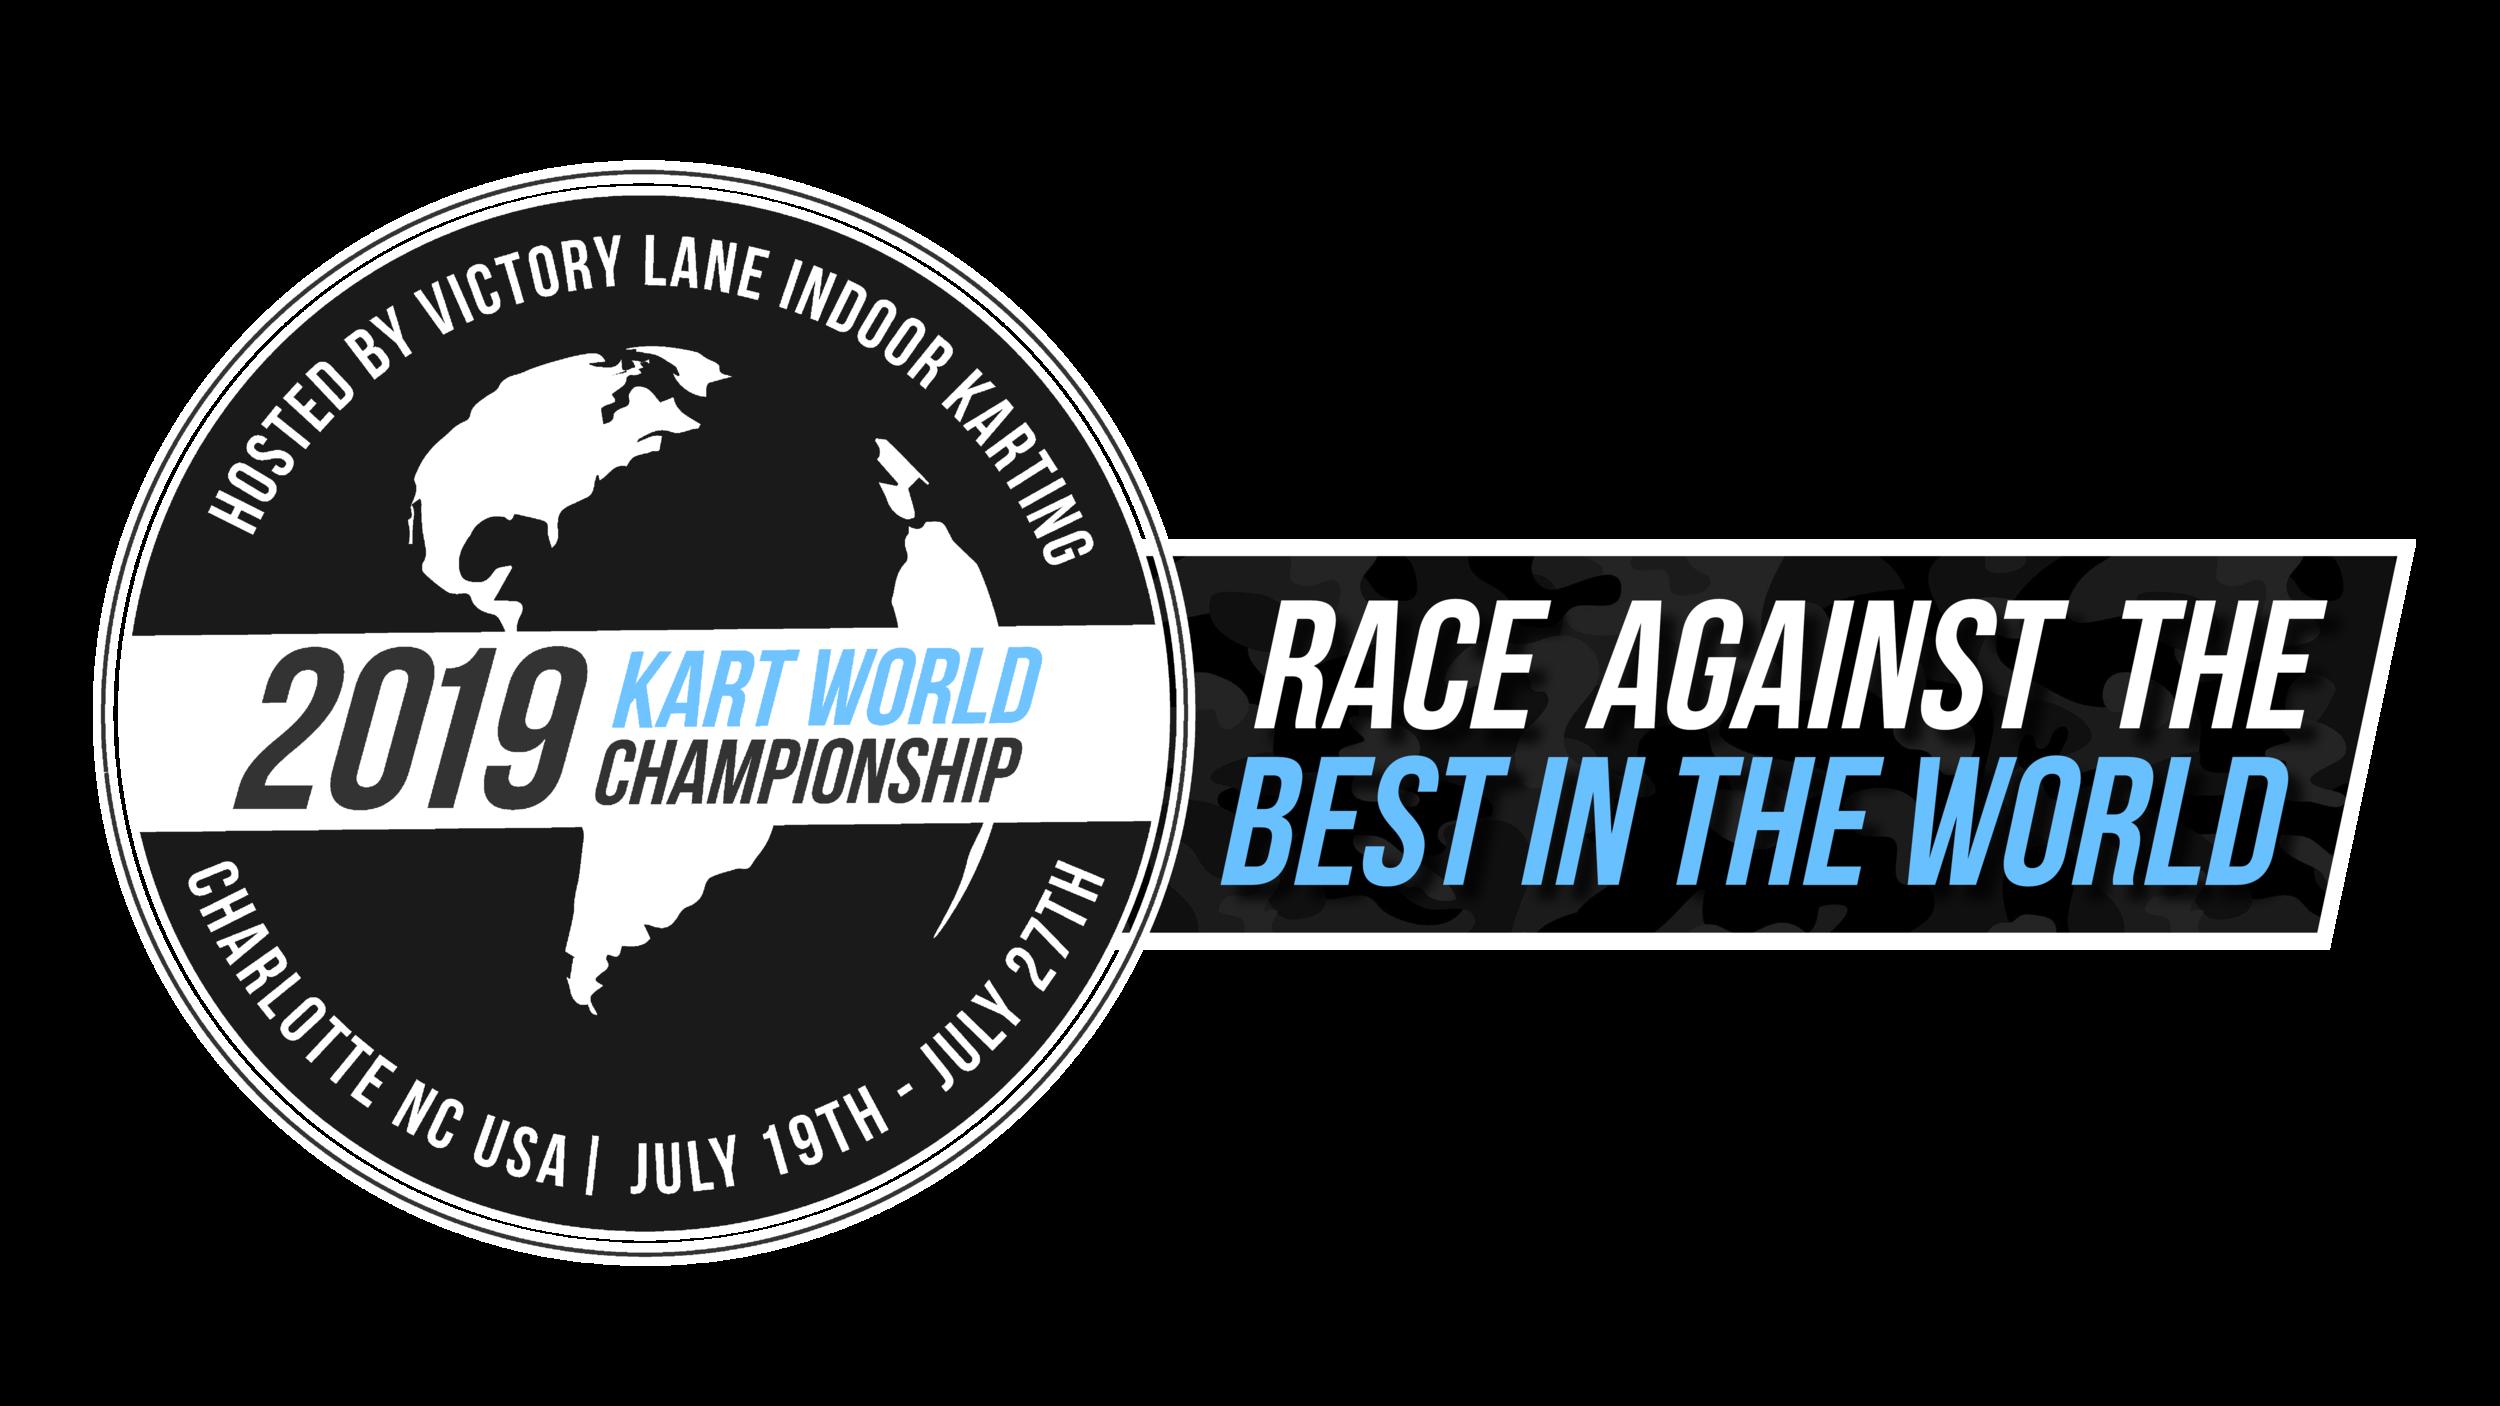 vlk kart world kart championship logo and race against.png